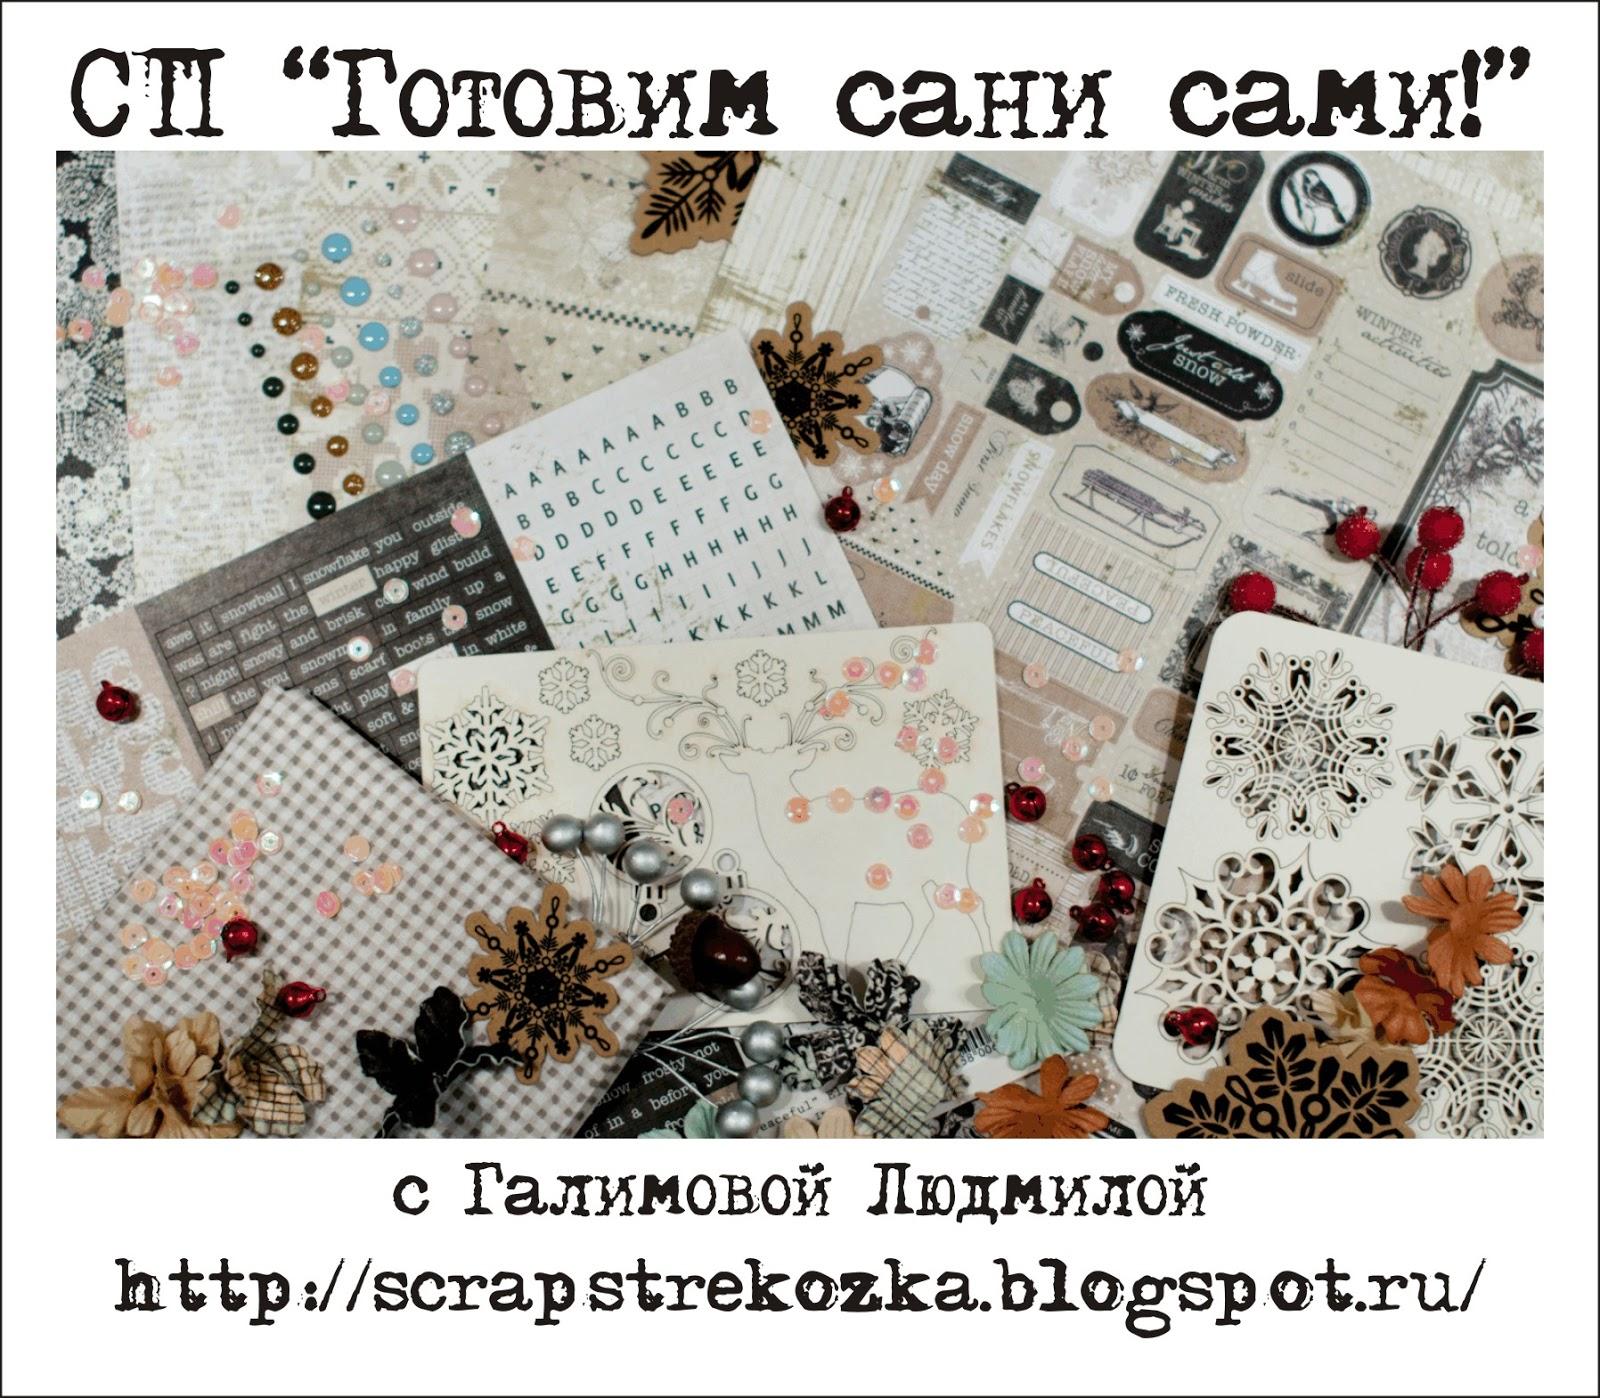 http://1.bp.blogspot.com/-V3TVLyNeids/Vi5wmaBbVYI/AAAAAAAAB68/MbL9WmpqBfc/s1600/%25D0%2593%25D0%25A1%25D0%25A1.jpg